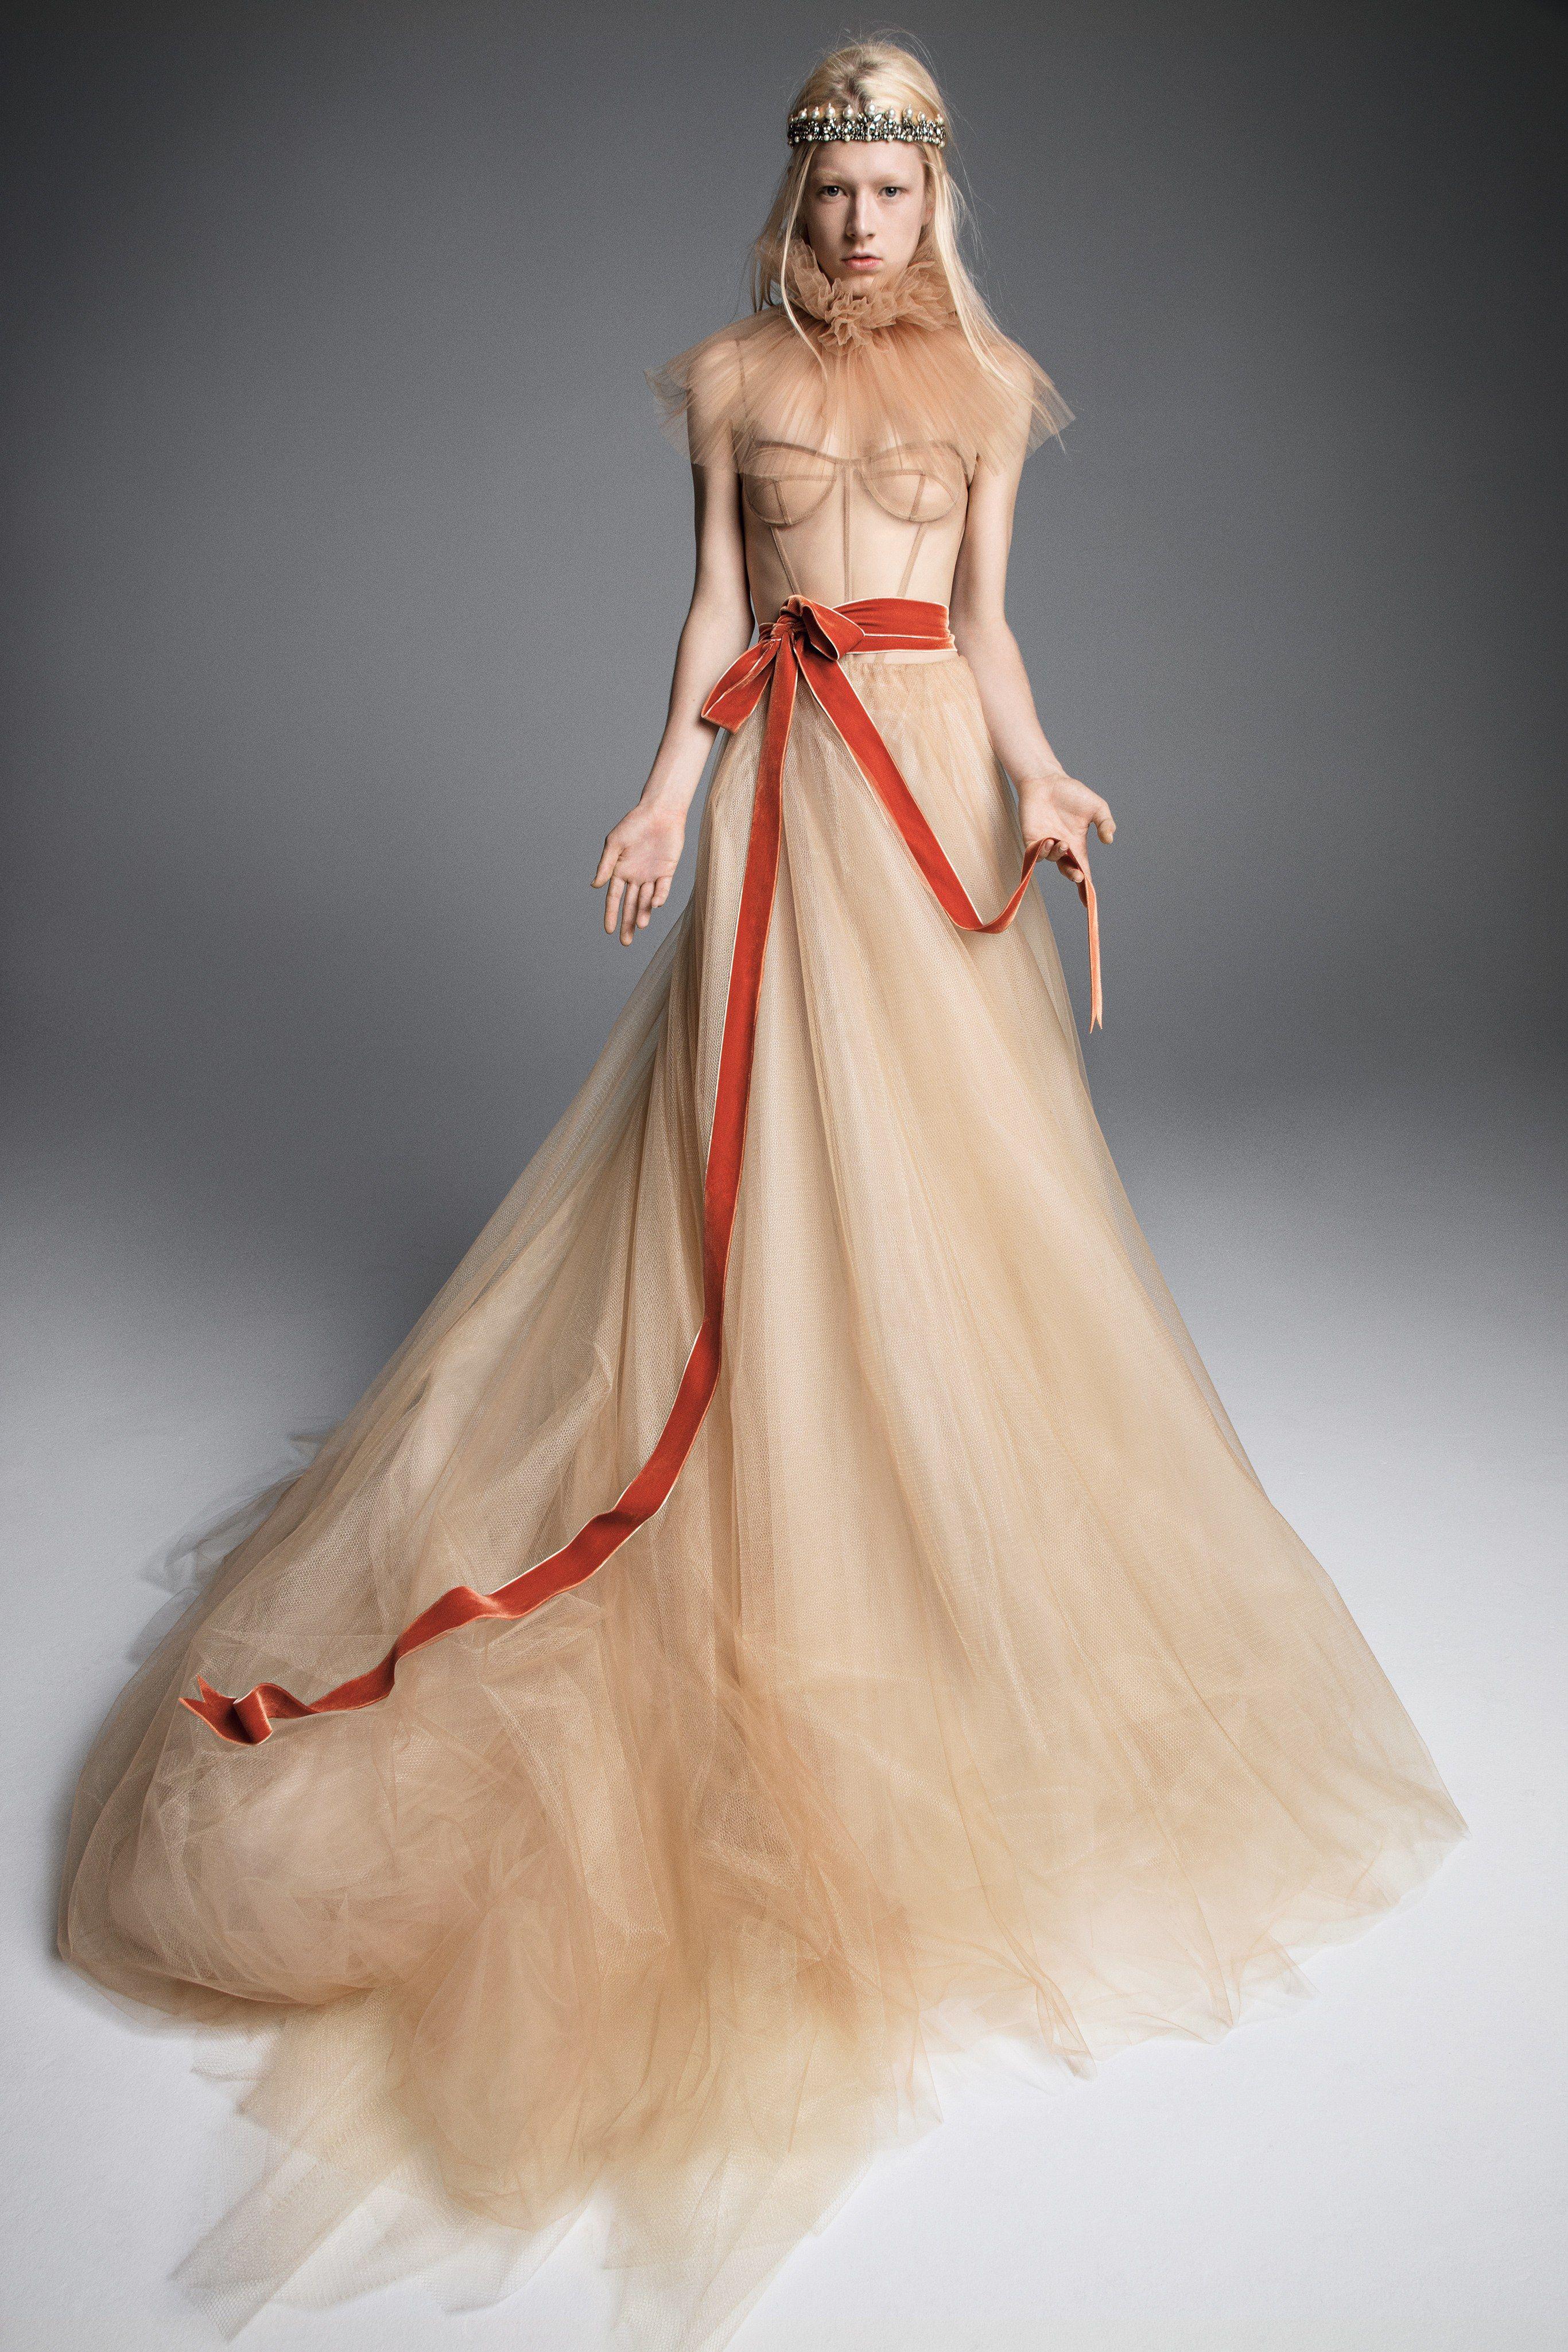 44cc16d2a6d2d 80+ Best Wedding Dresses Fall 2019 - Top Autumn Bridal Runway Looks